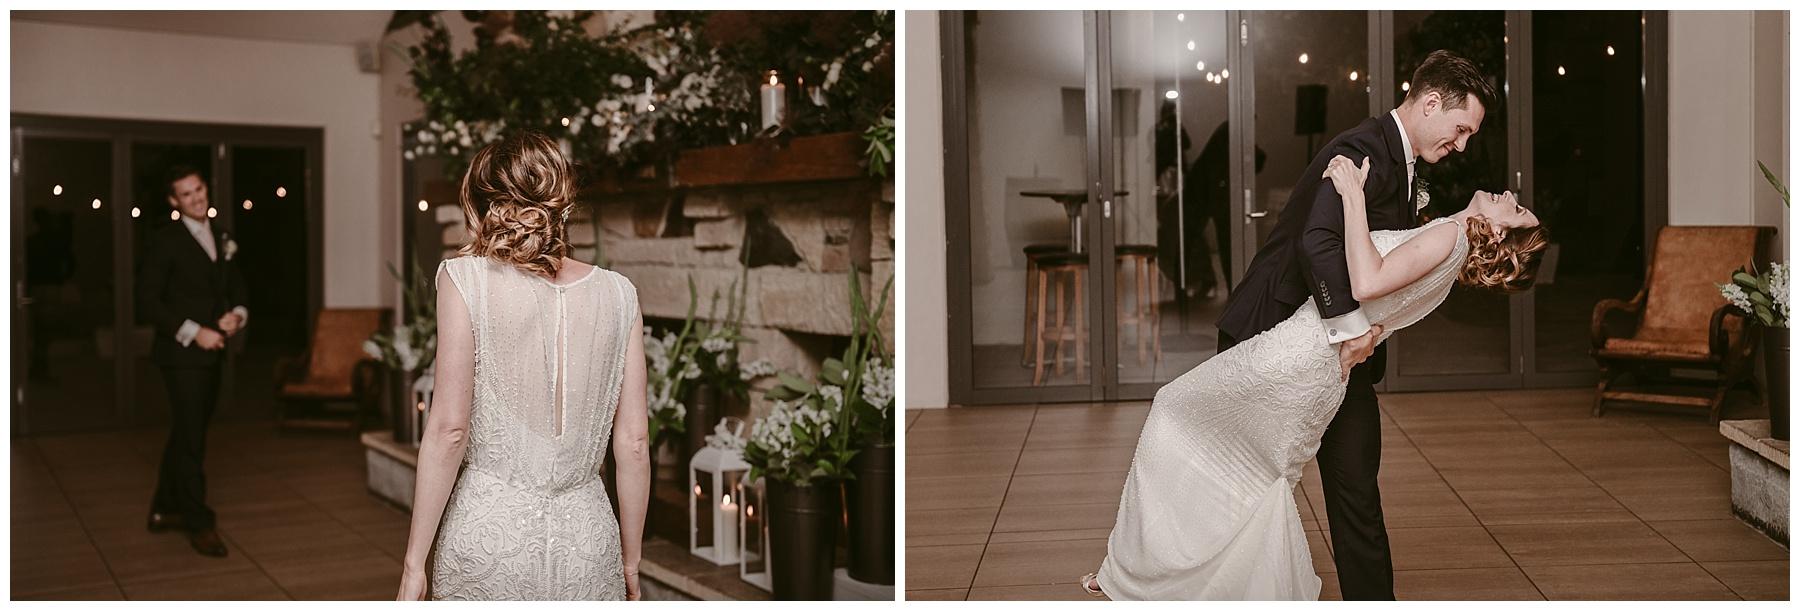 Enzo Wedding Photographer_0072.jpg